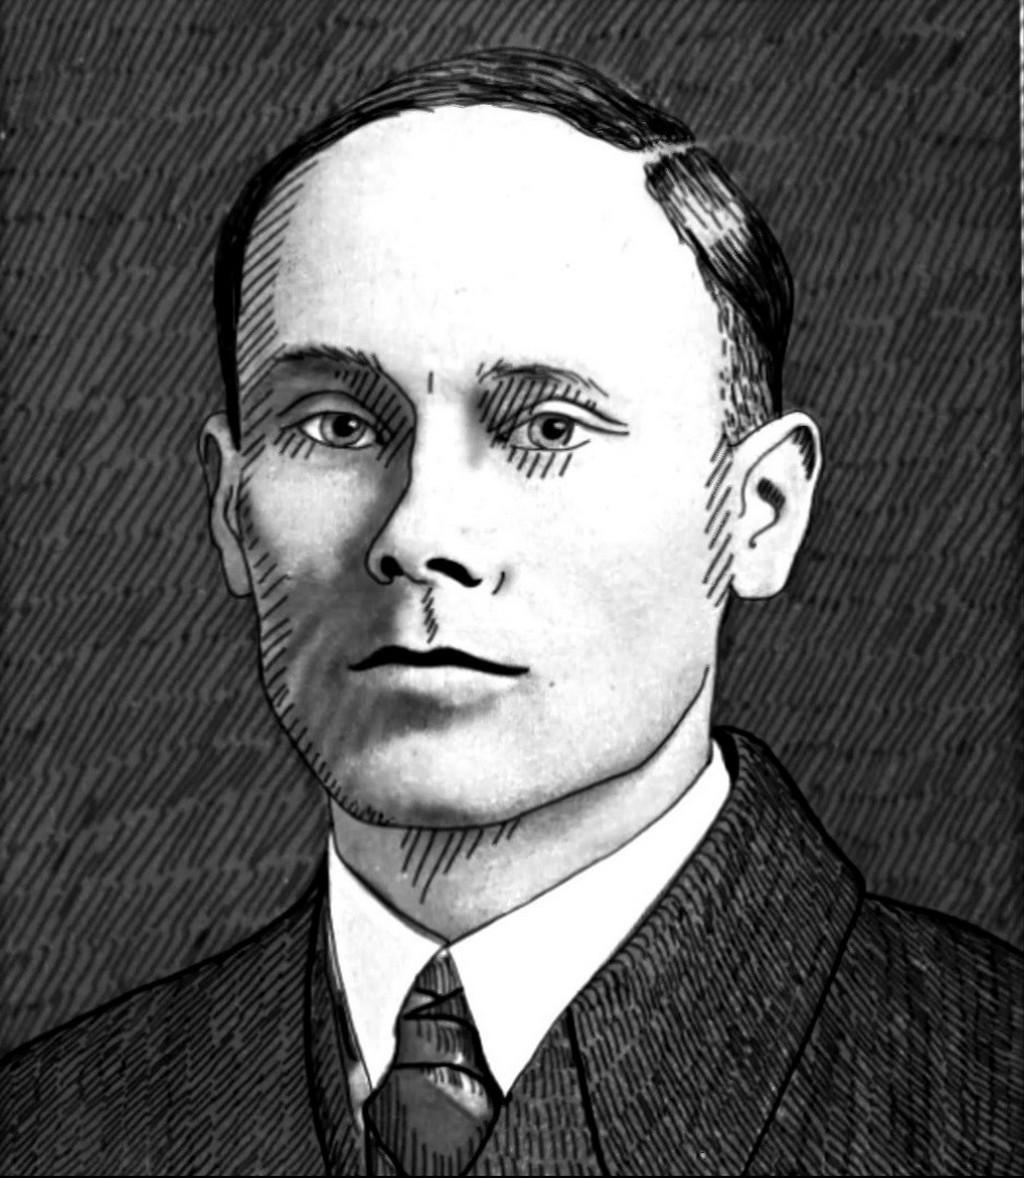 August Gölzer